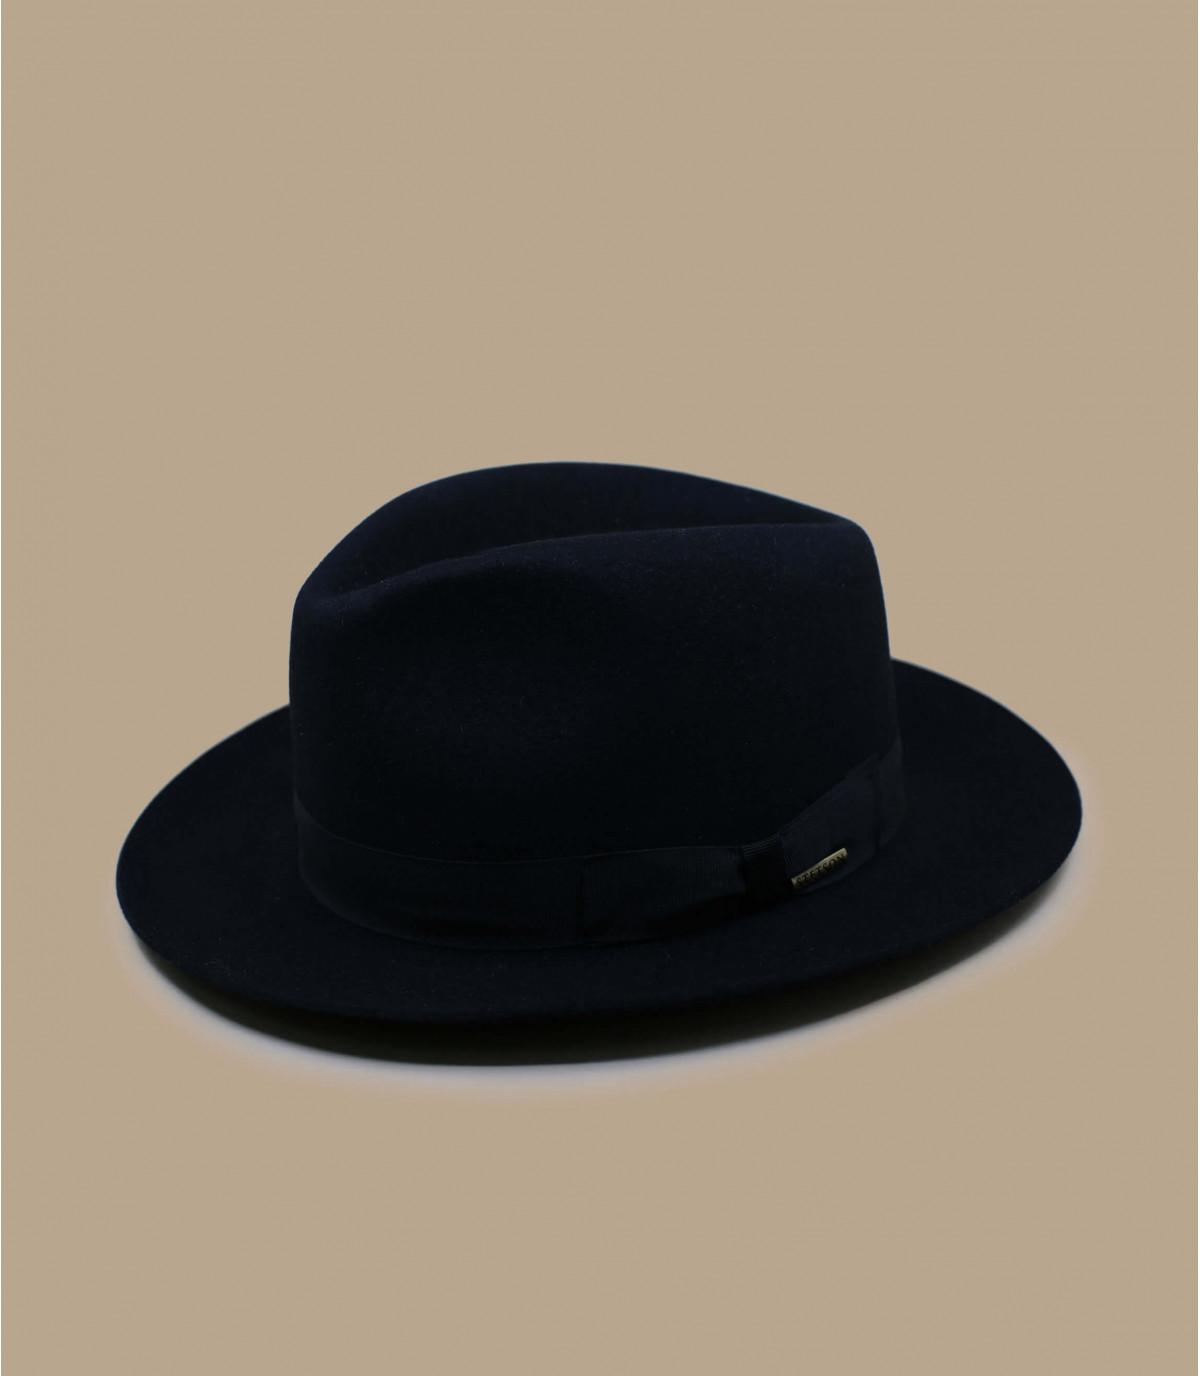 Penn zwart stetson